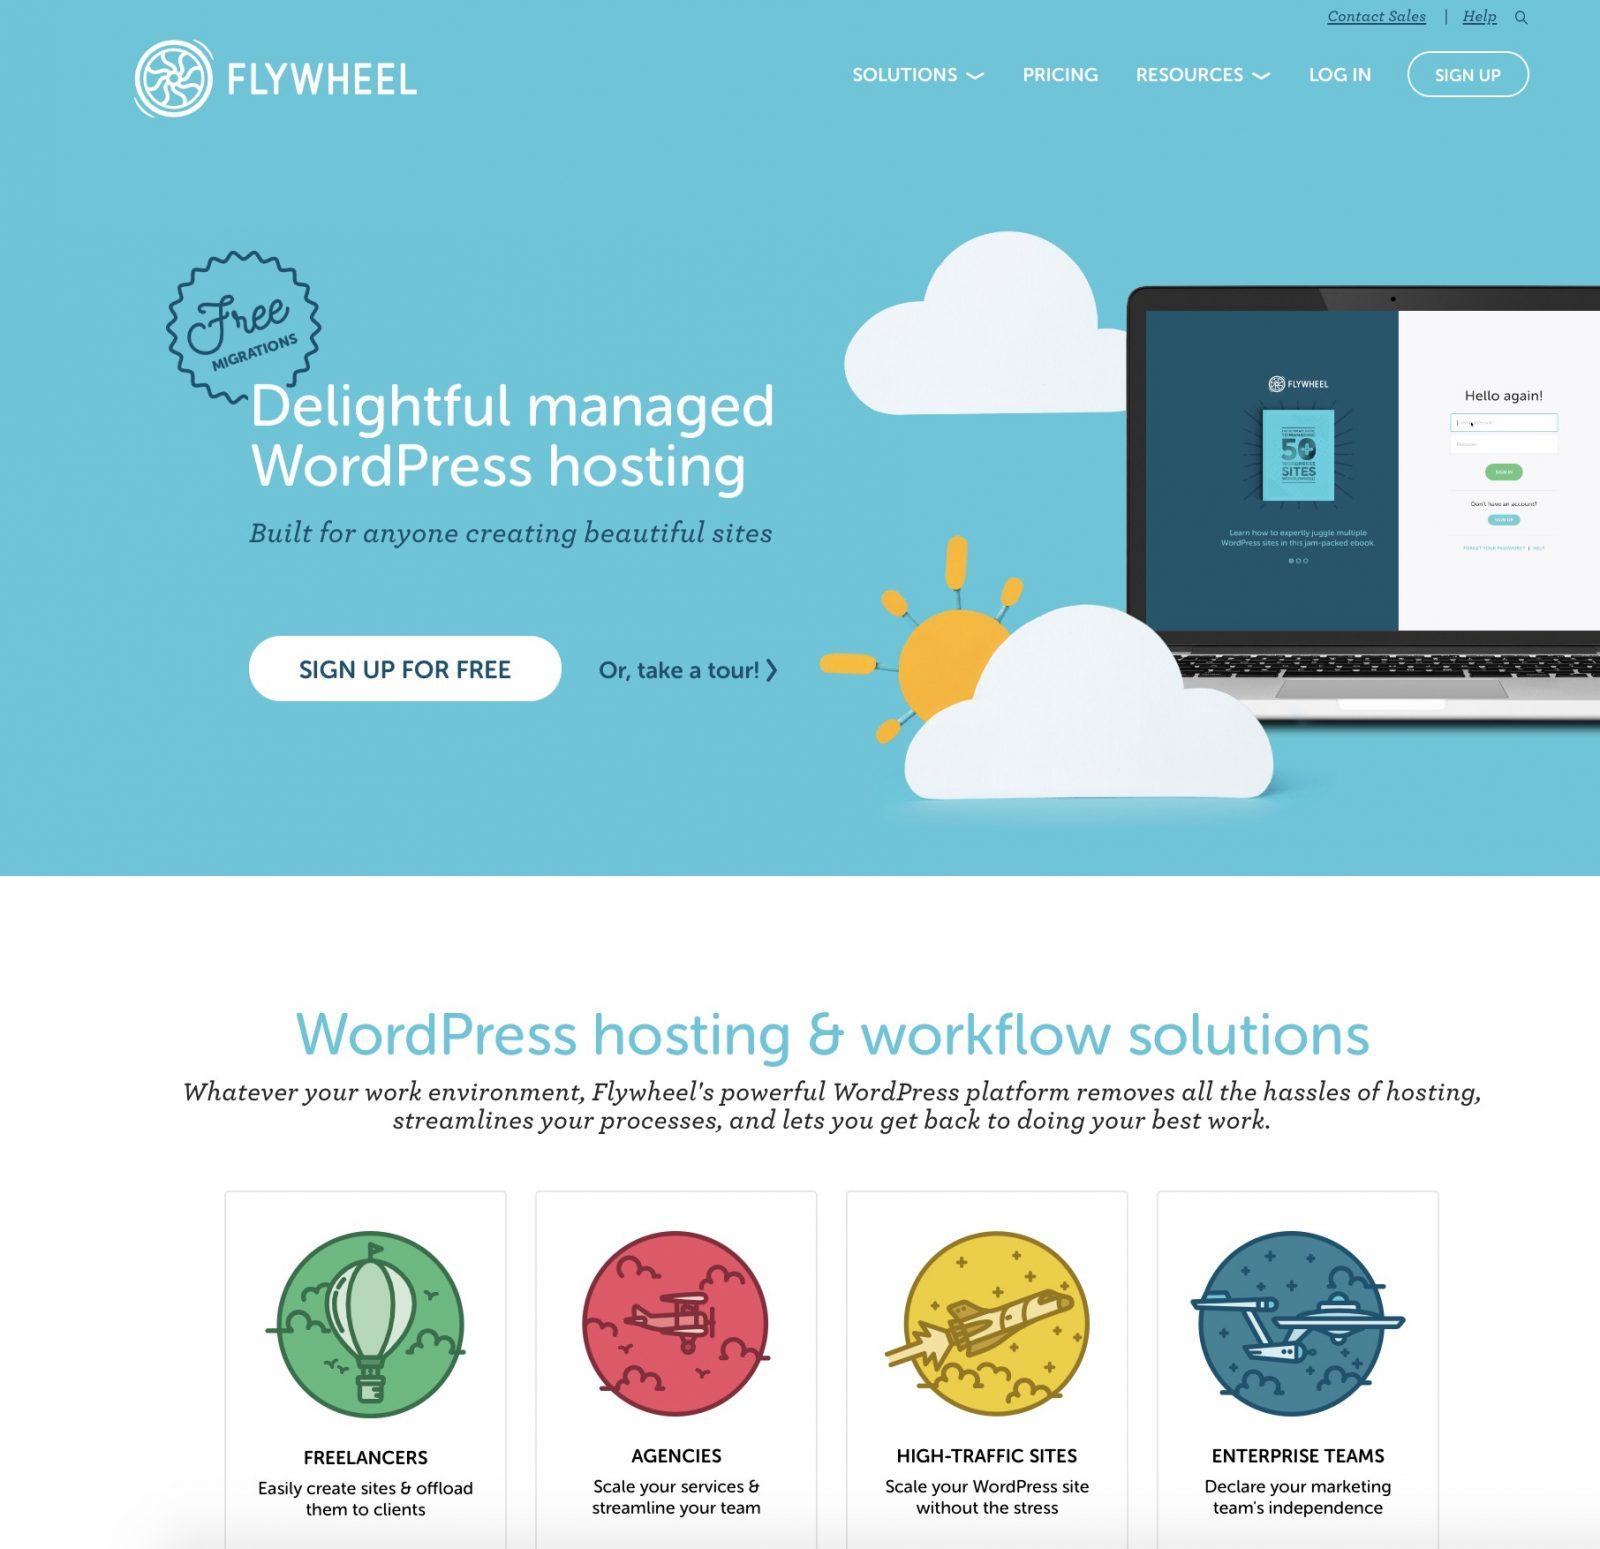 La page d'accueil de Flywheel, qui présente le service et ses avantages.